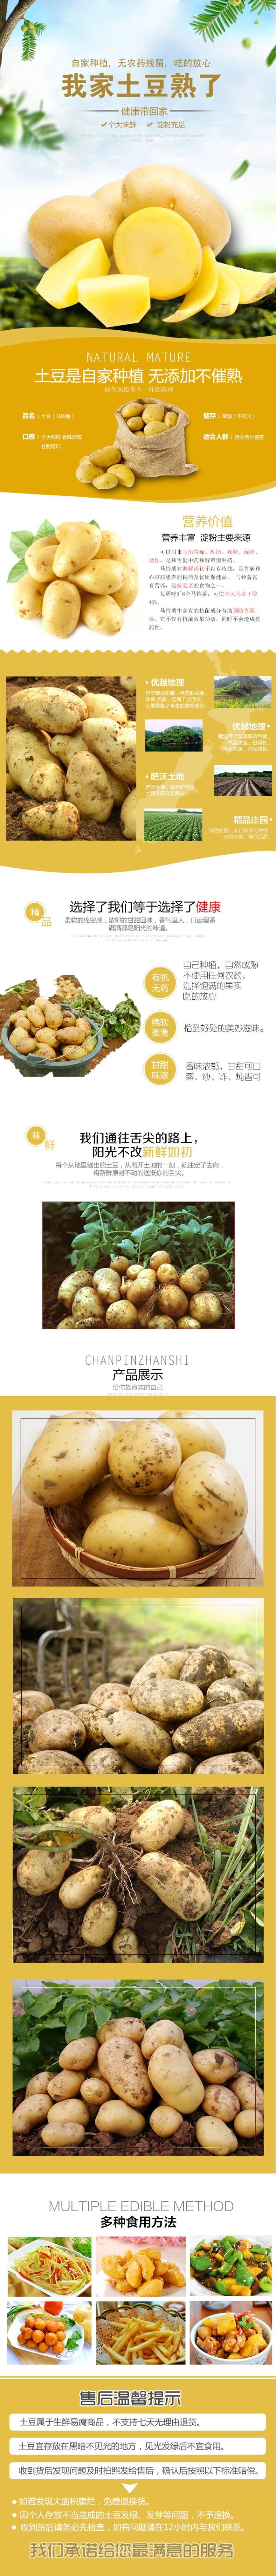 土豆马铃薯农产品土特产详情页